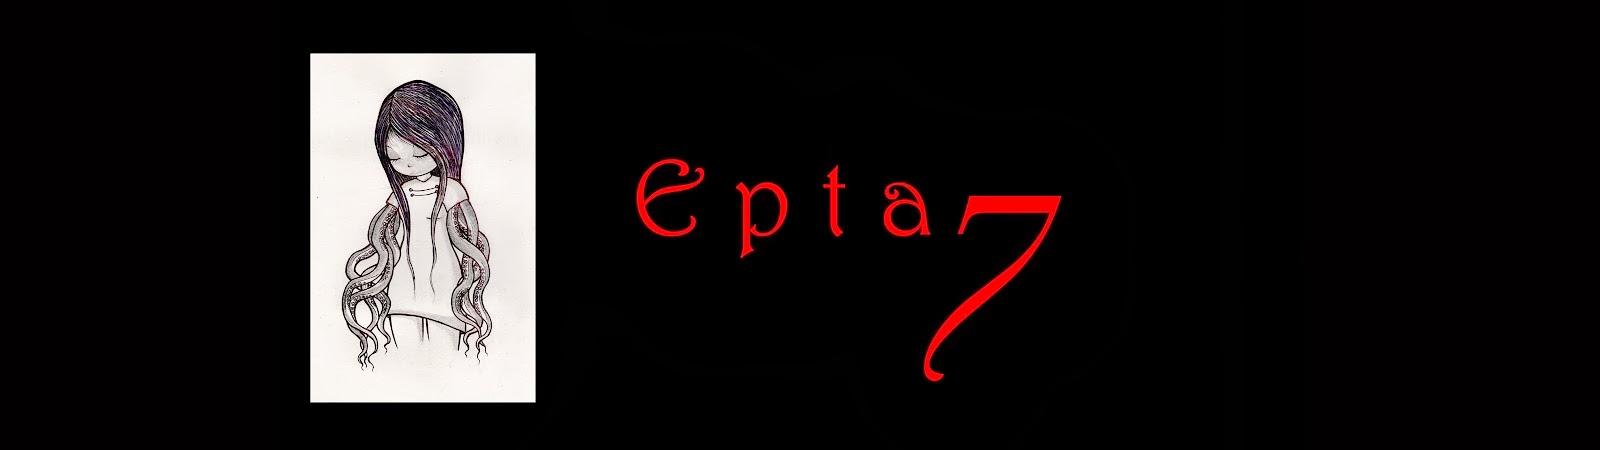 Epta7 Band